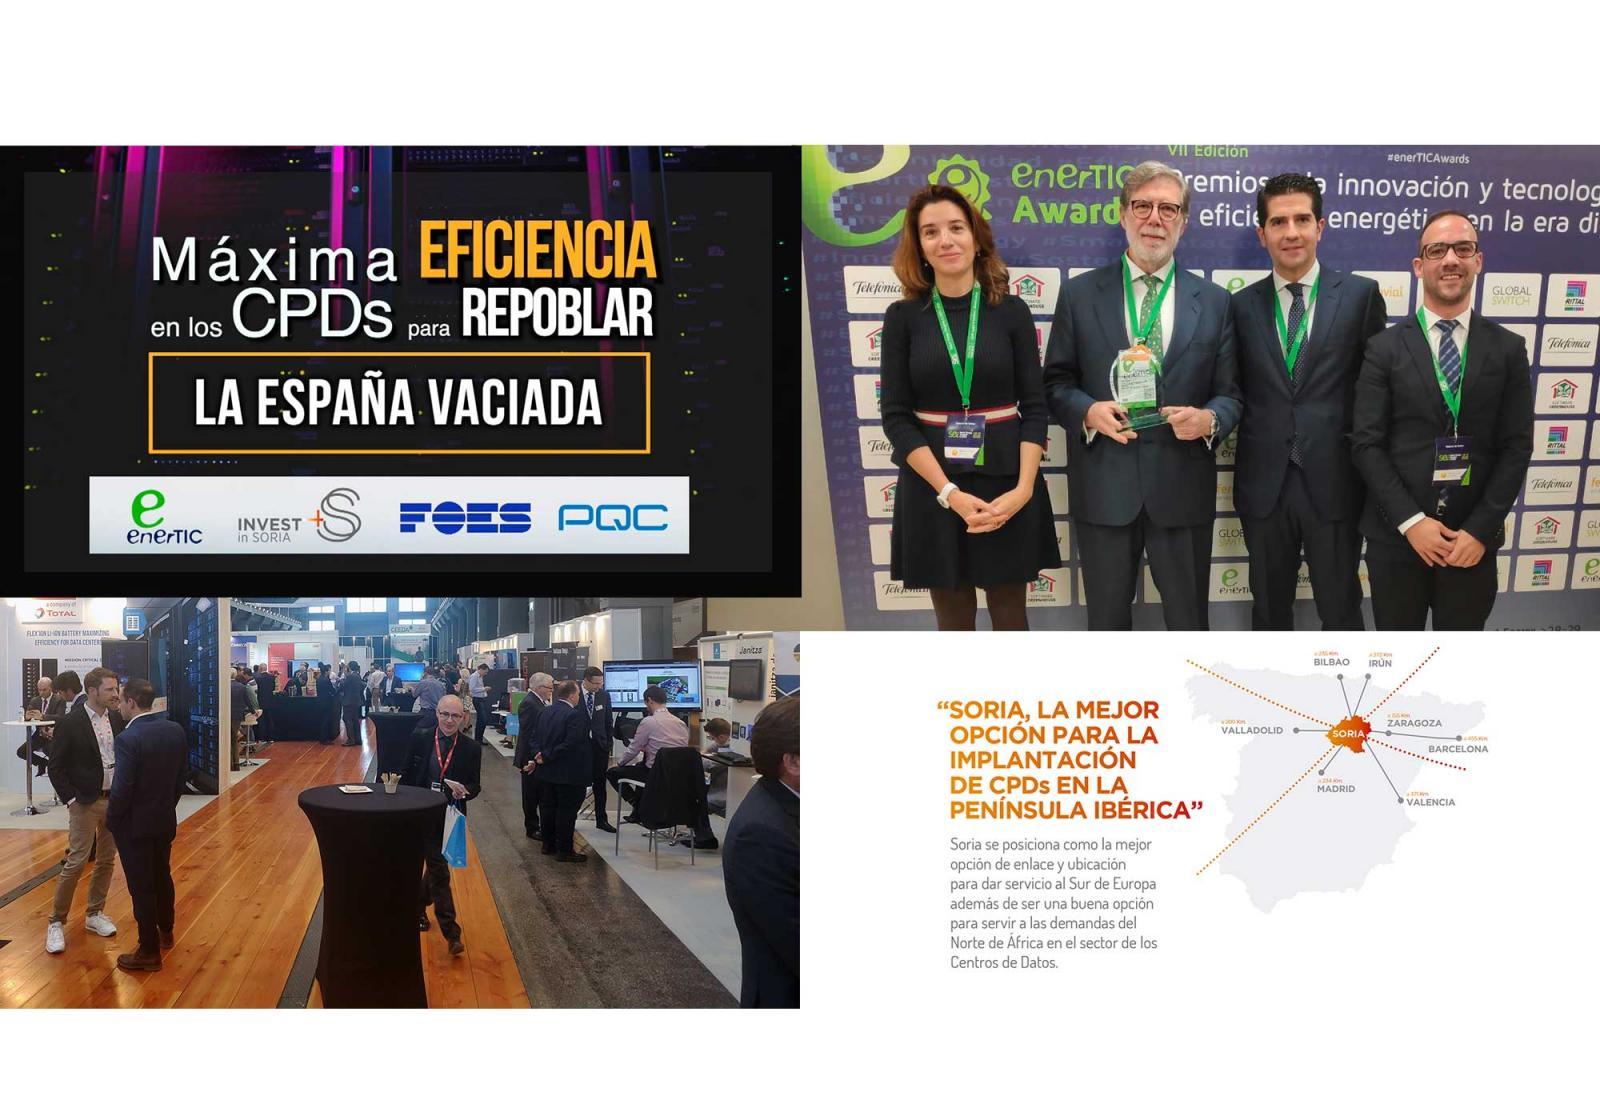 La propuesta de Invest in Soria al sector de los CPDs queda refrendada por el anuncio del Gobierno